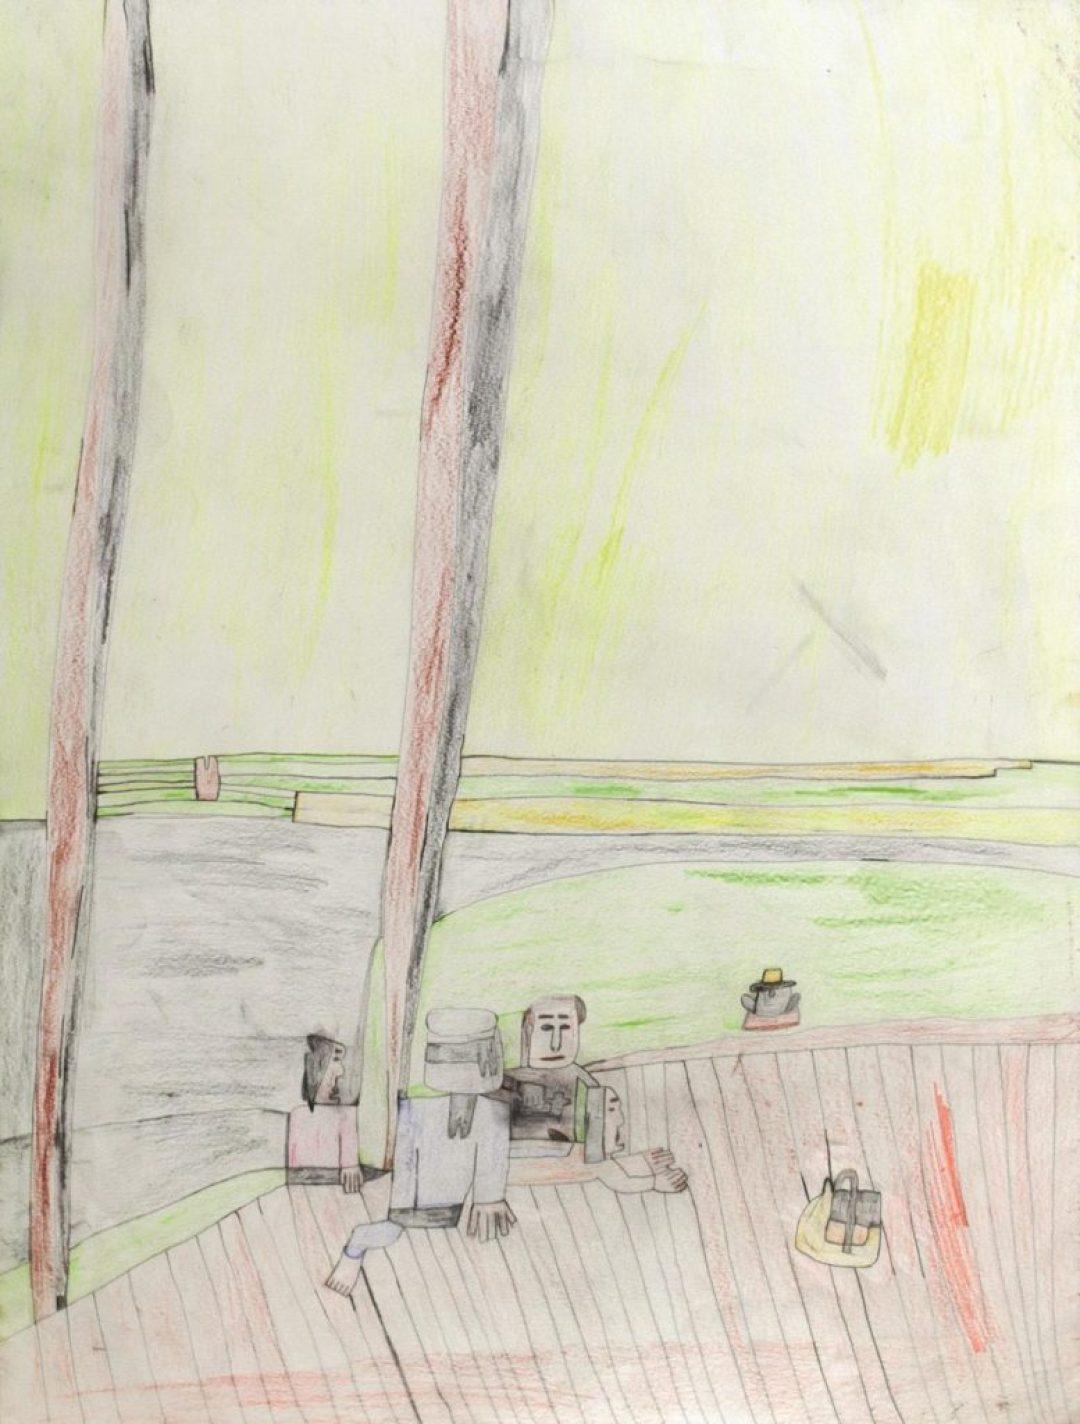 Alexis Lippstreu, Sans titre, 2014, crayons de couleurs sur papier, 73 x 55 cm